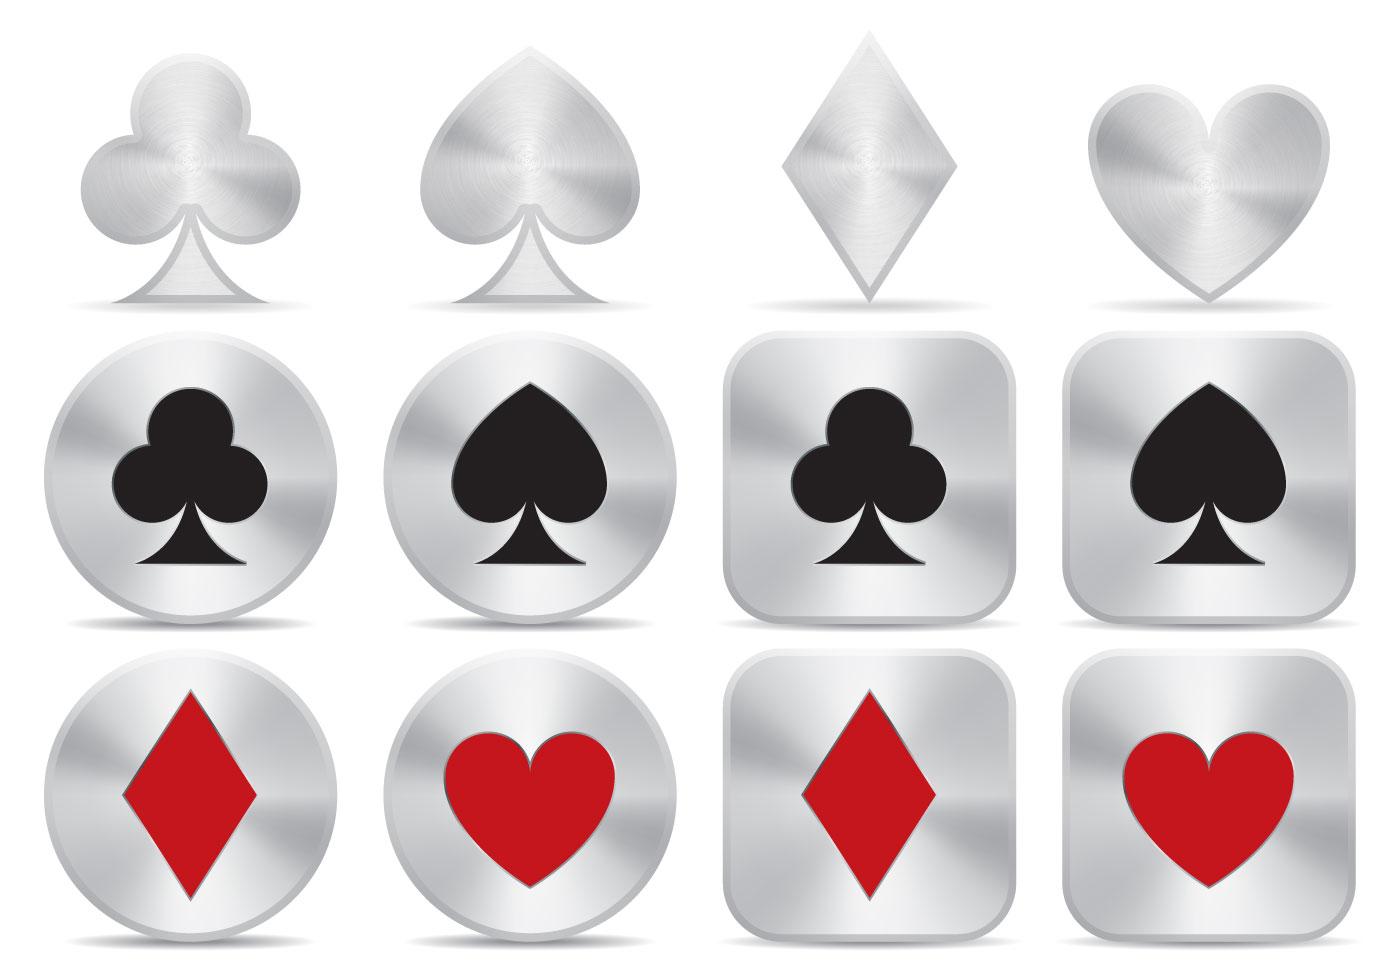 Club player casino bonus codes 2019